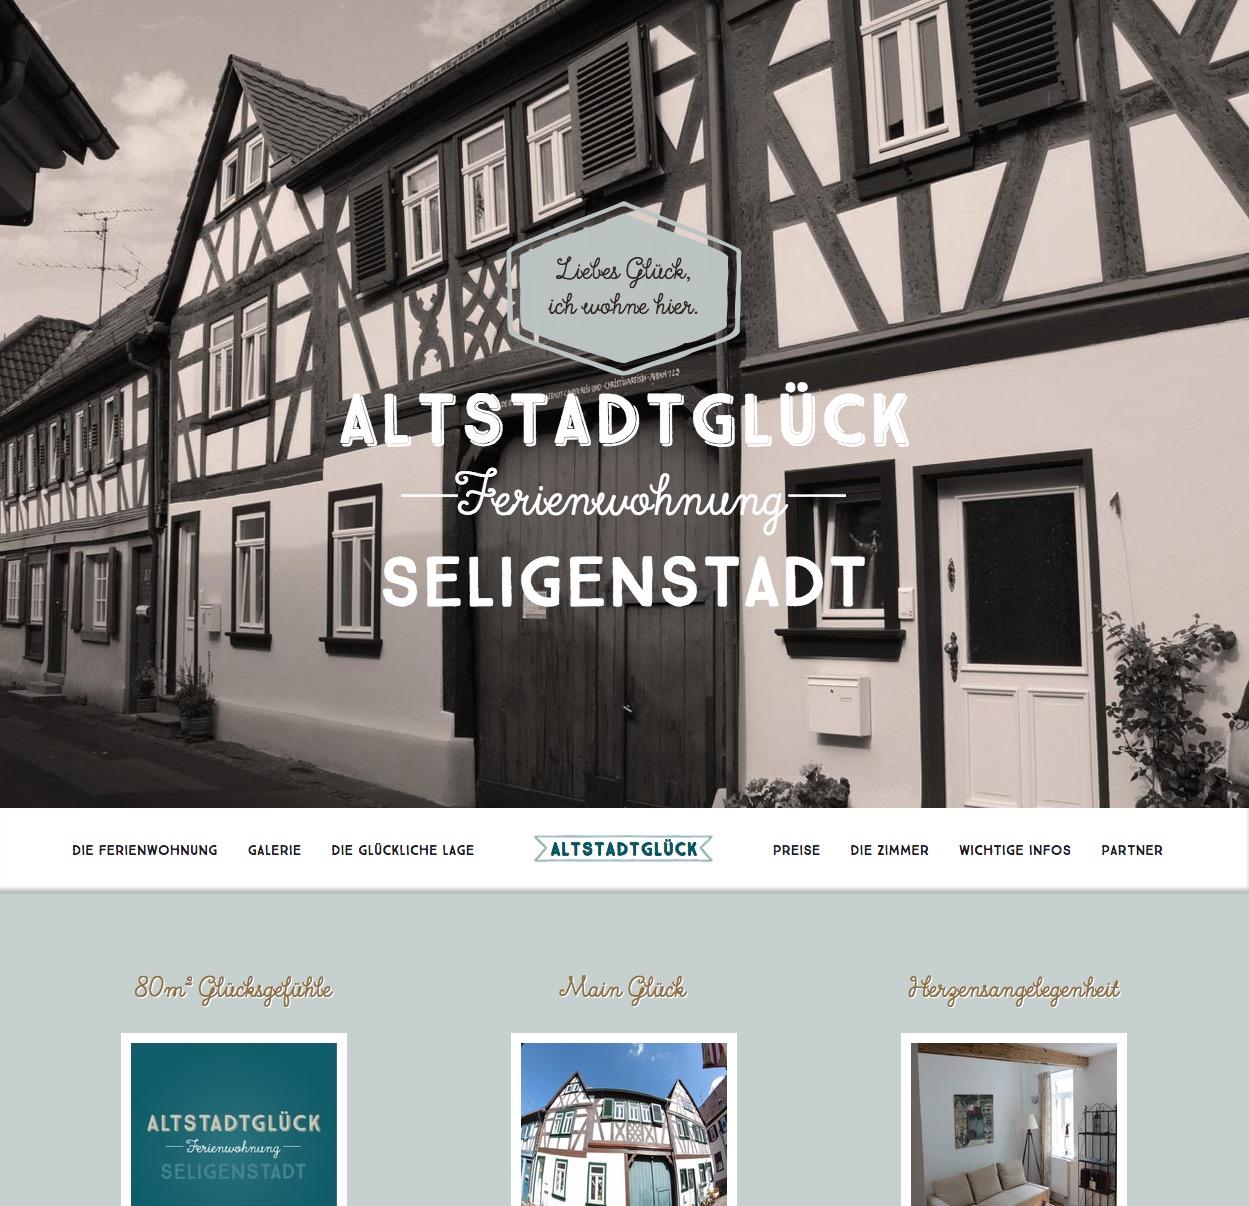 Altstadtglück Seligenstadt